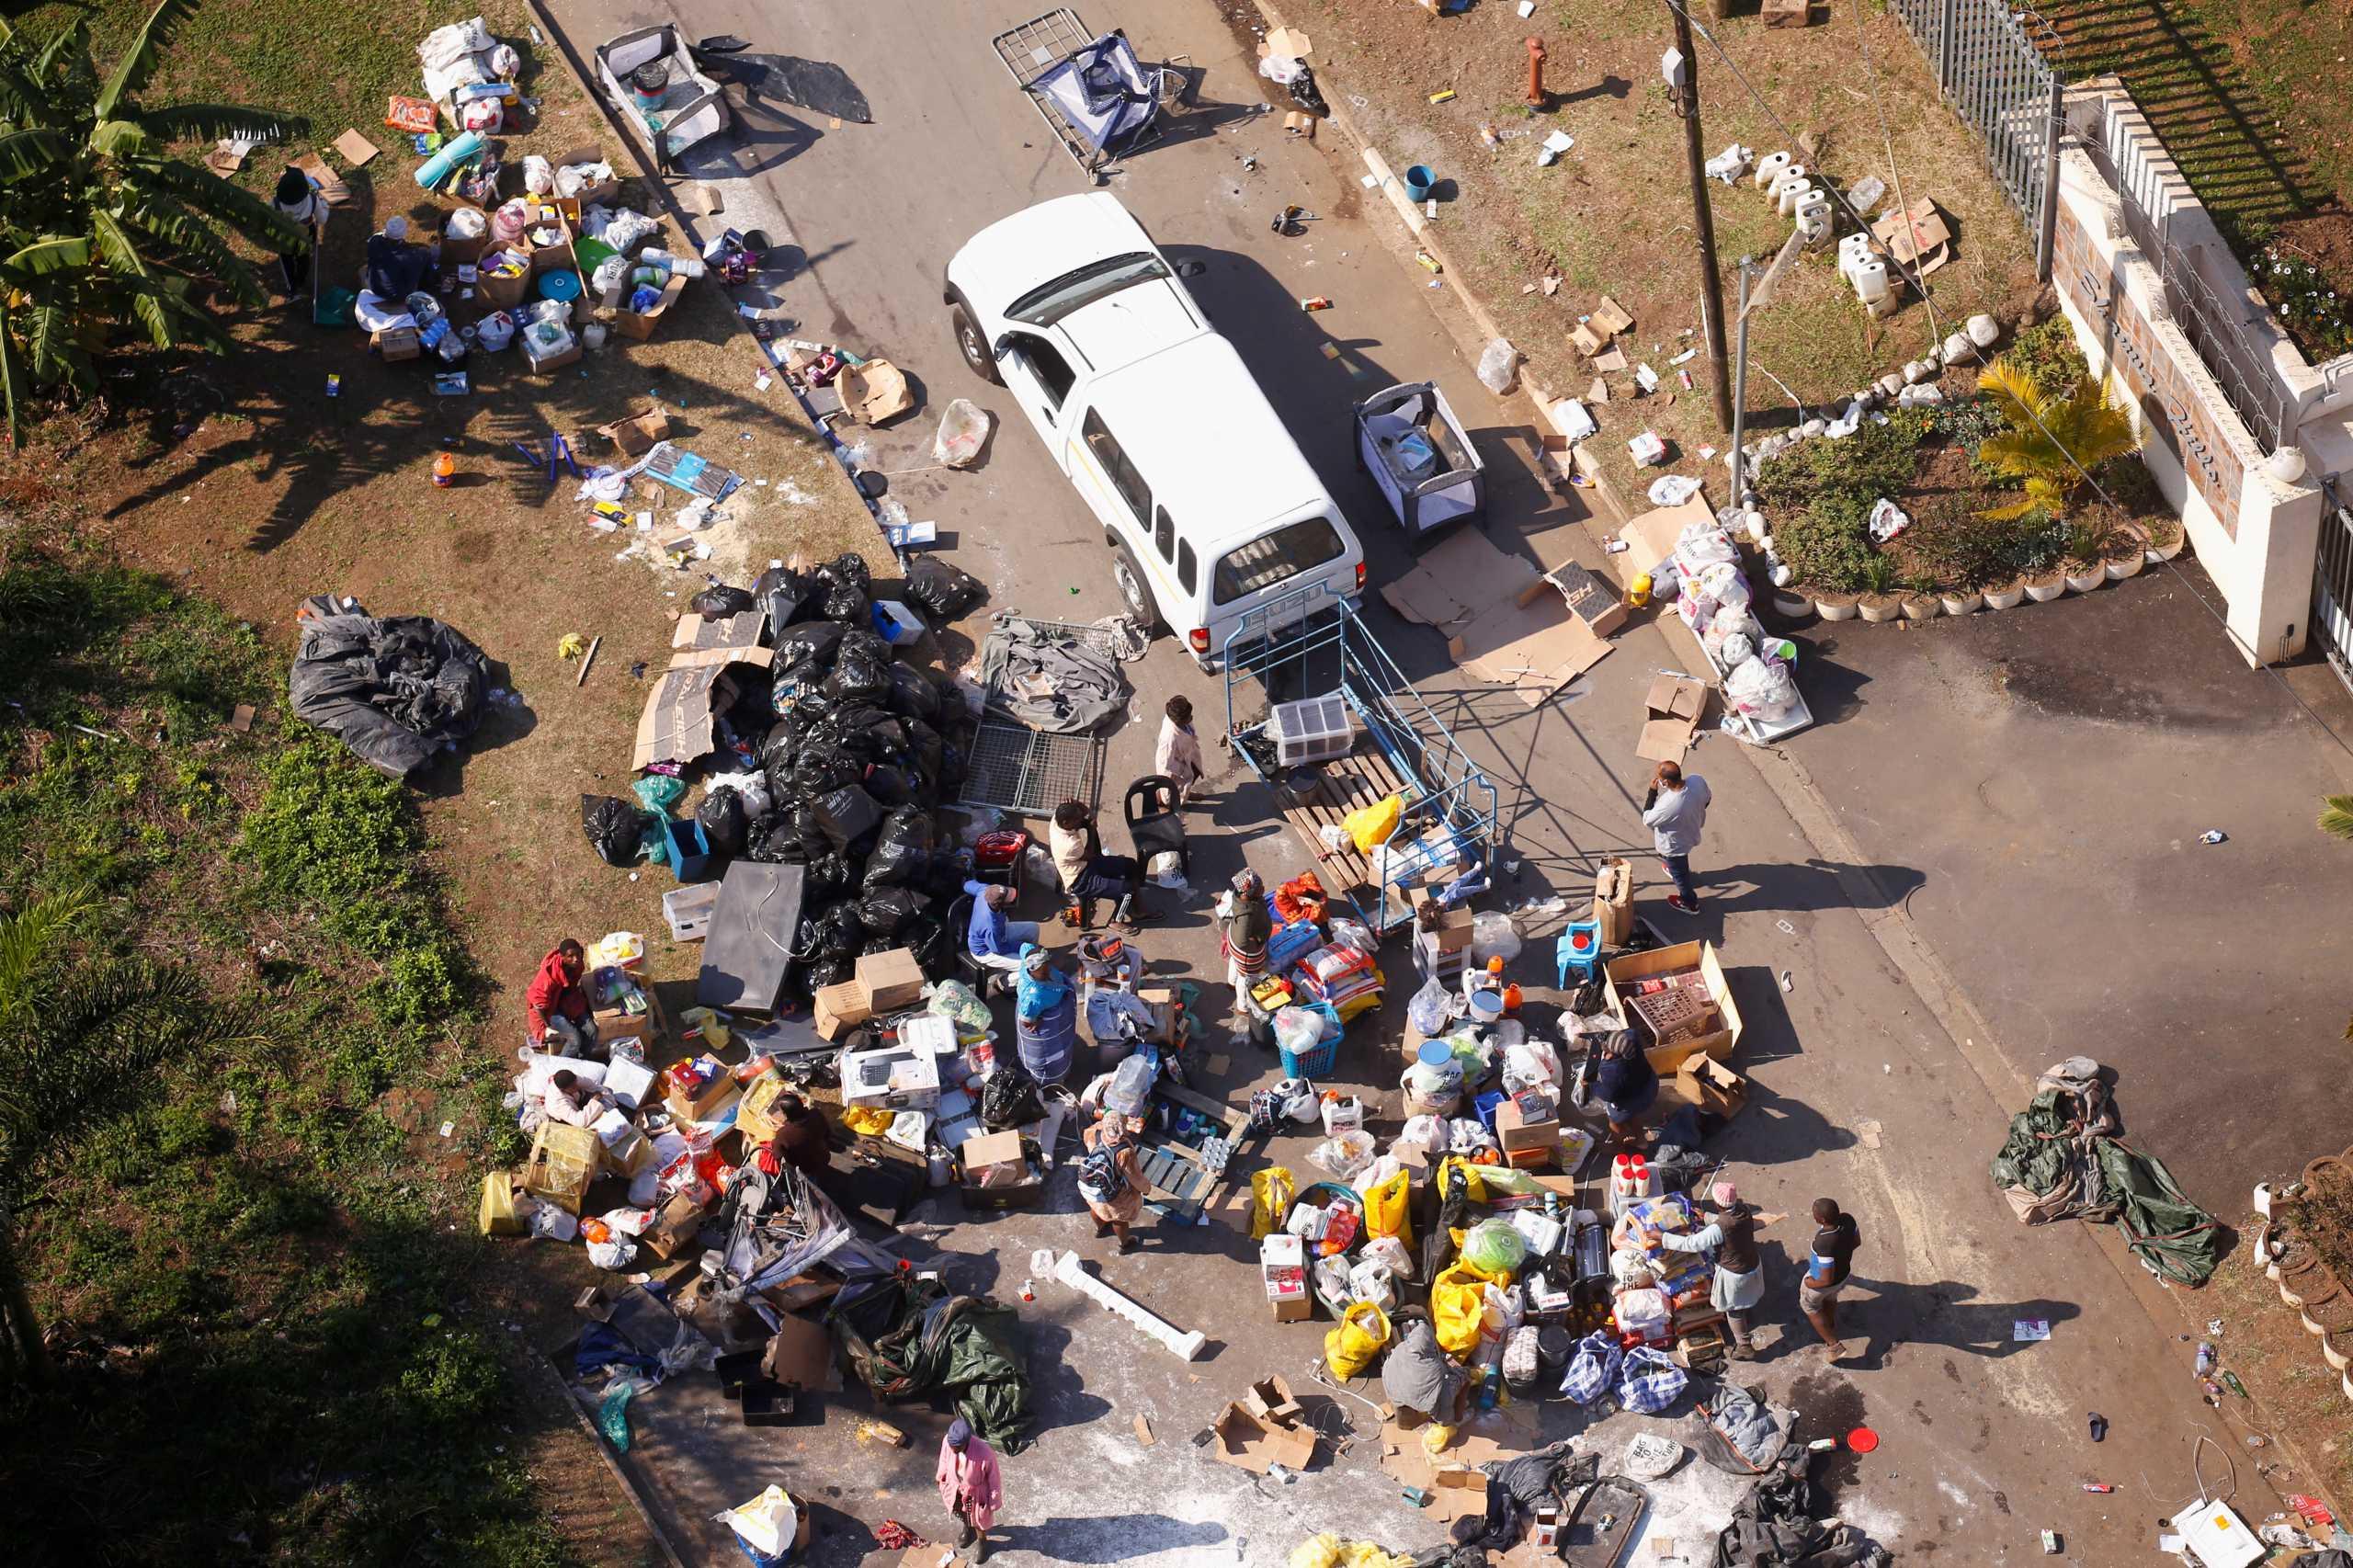 Νότια Αφρική: 212 οι νεκροί από τα βίαια επεισόδια